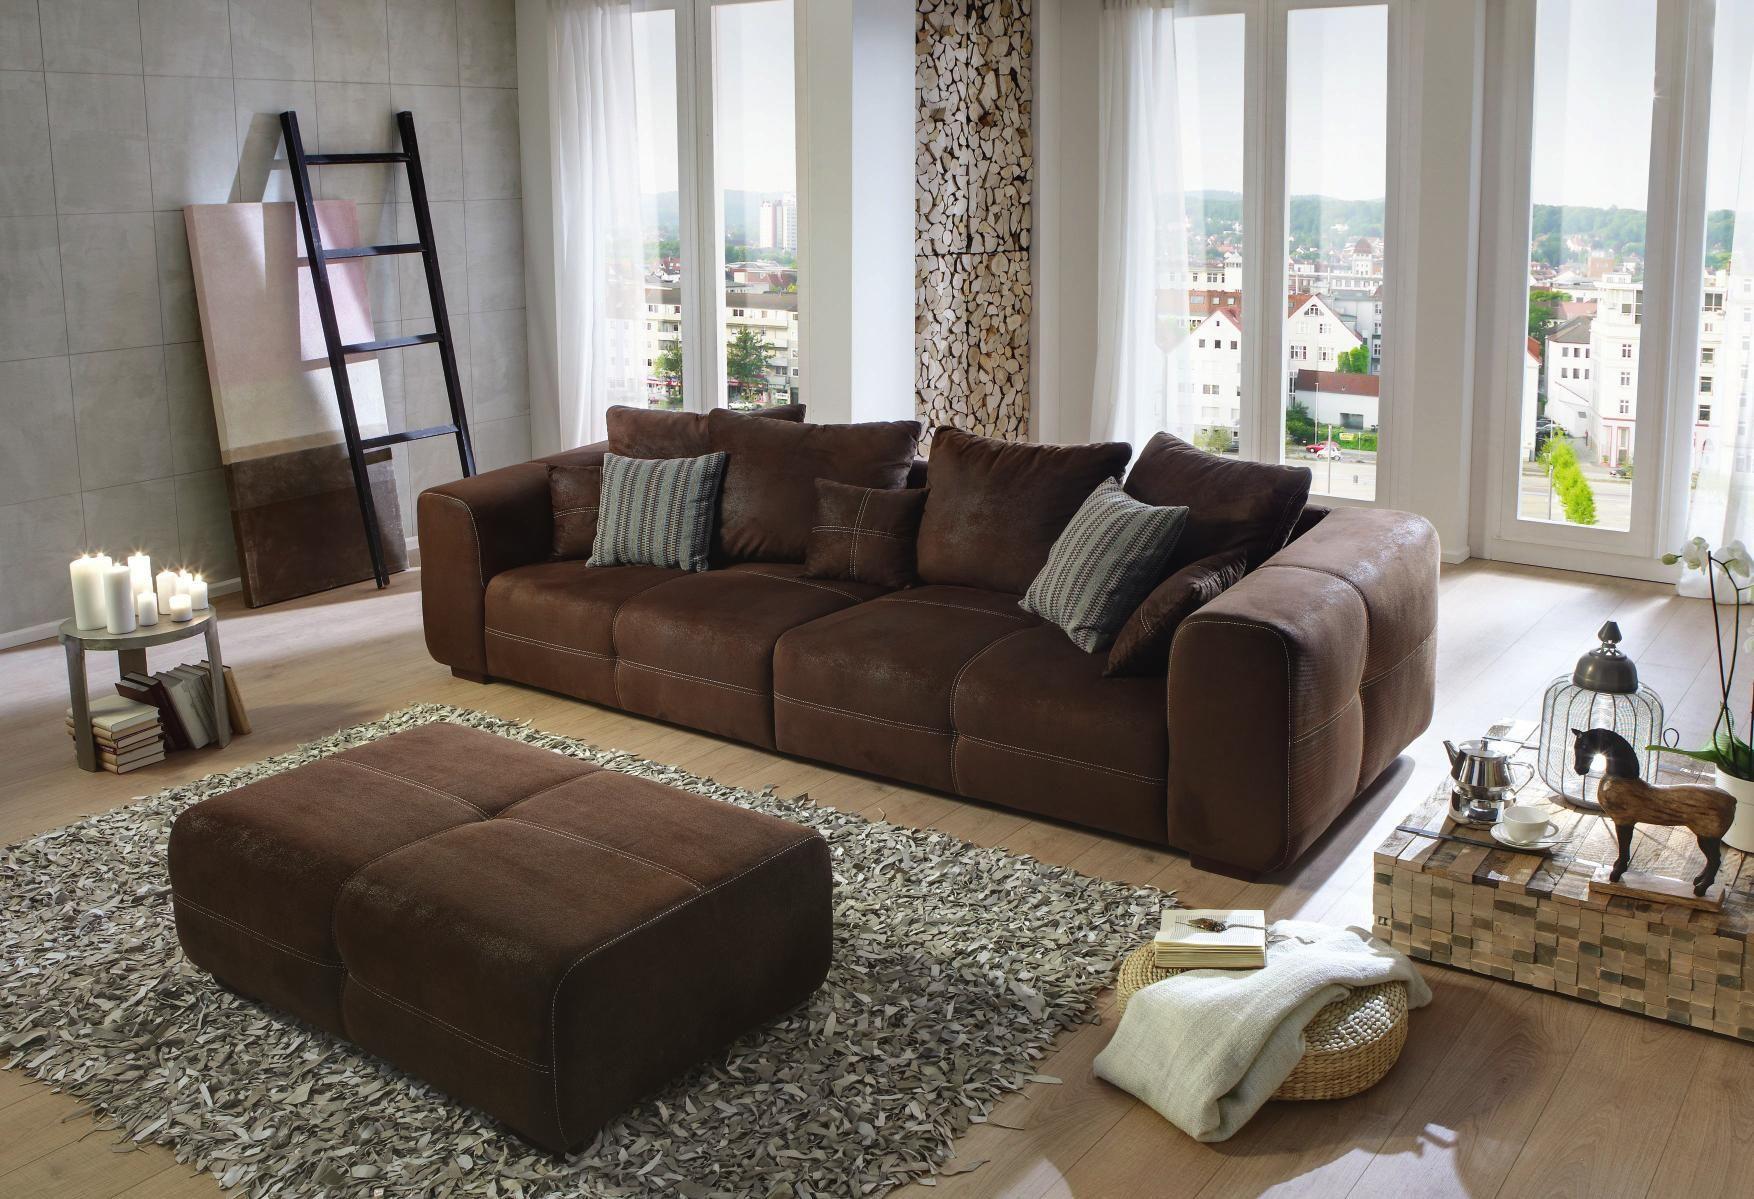 Carry Home Bigsofa In Braun Textil   Wohnlandschaften   Pinterest Wohnzimmer Vintage Style Braun